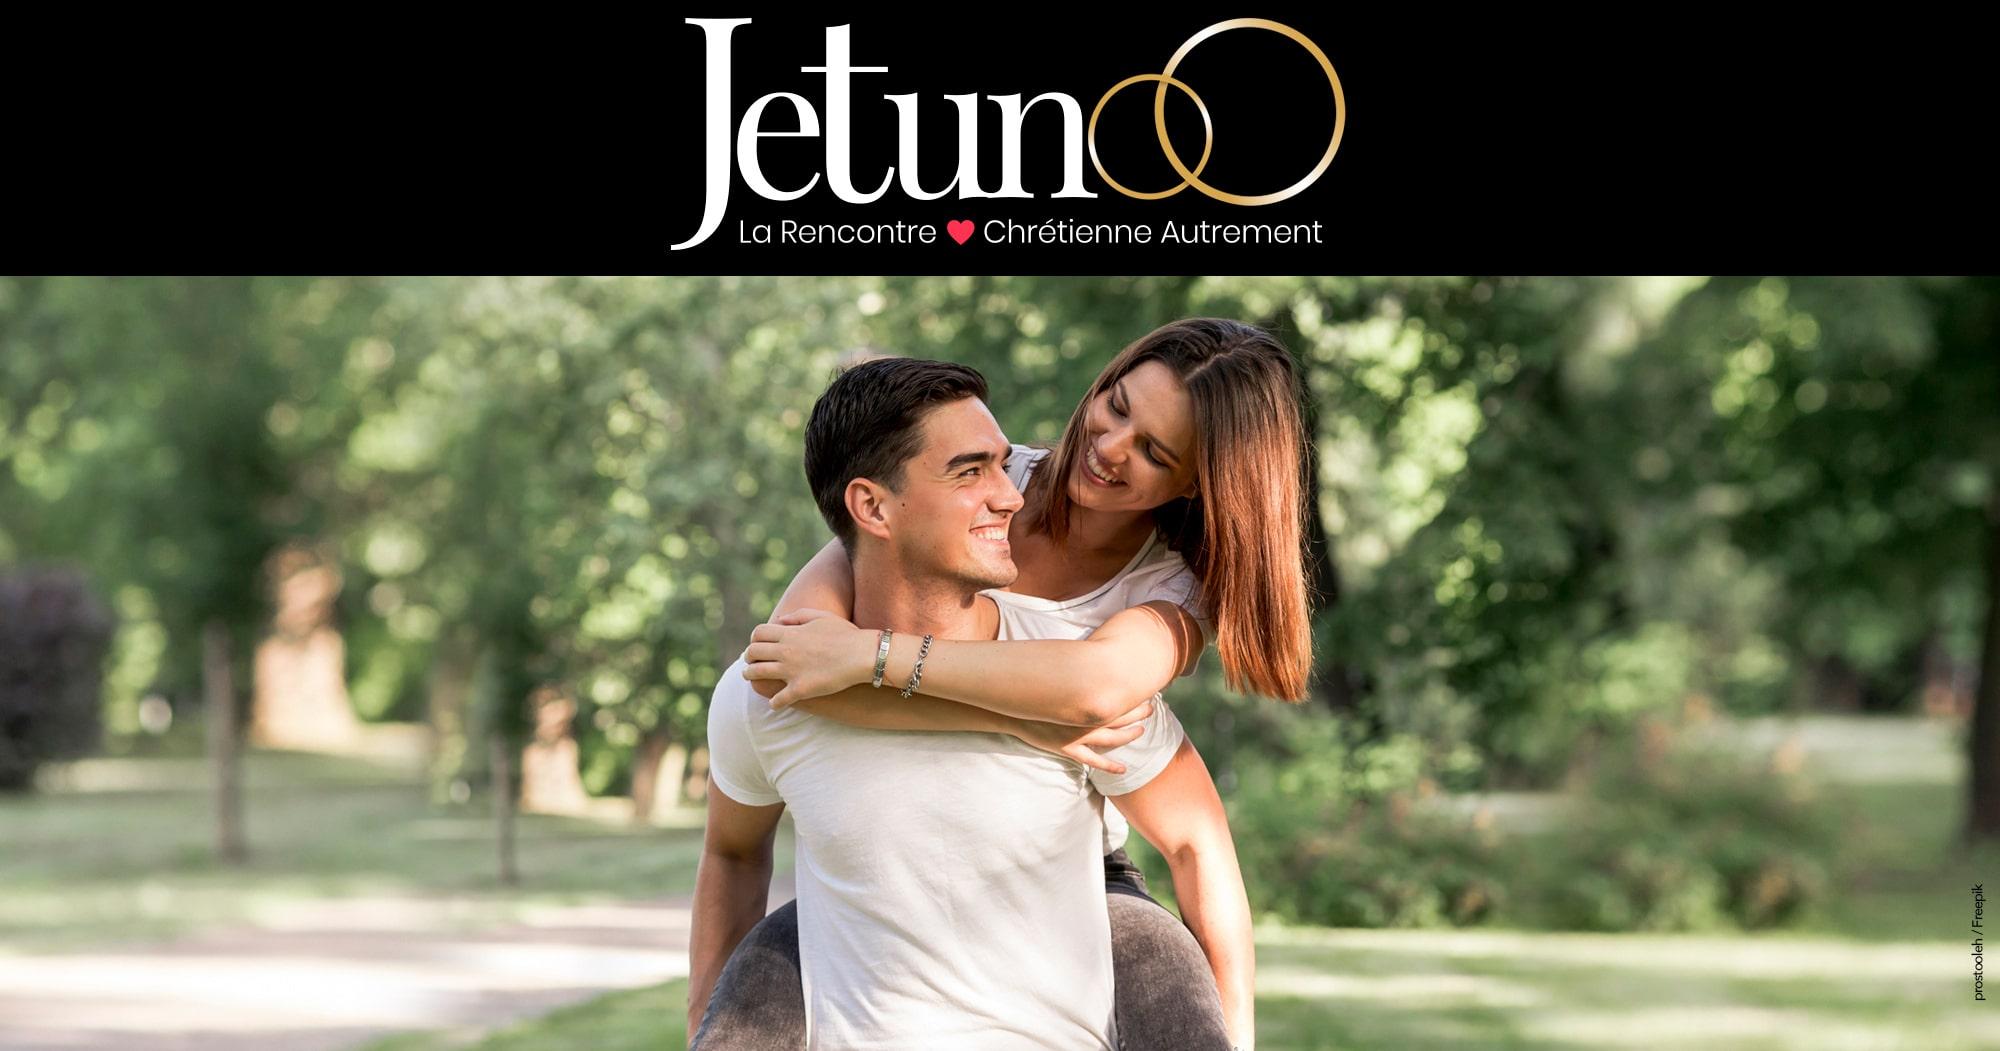 site de rencontres pour les jeunes belgique site de rencontre amoureuse francaise